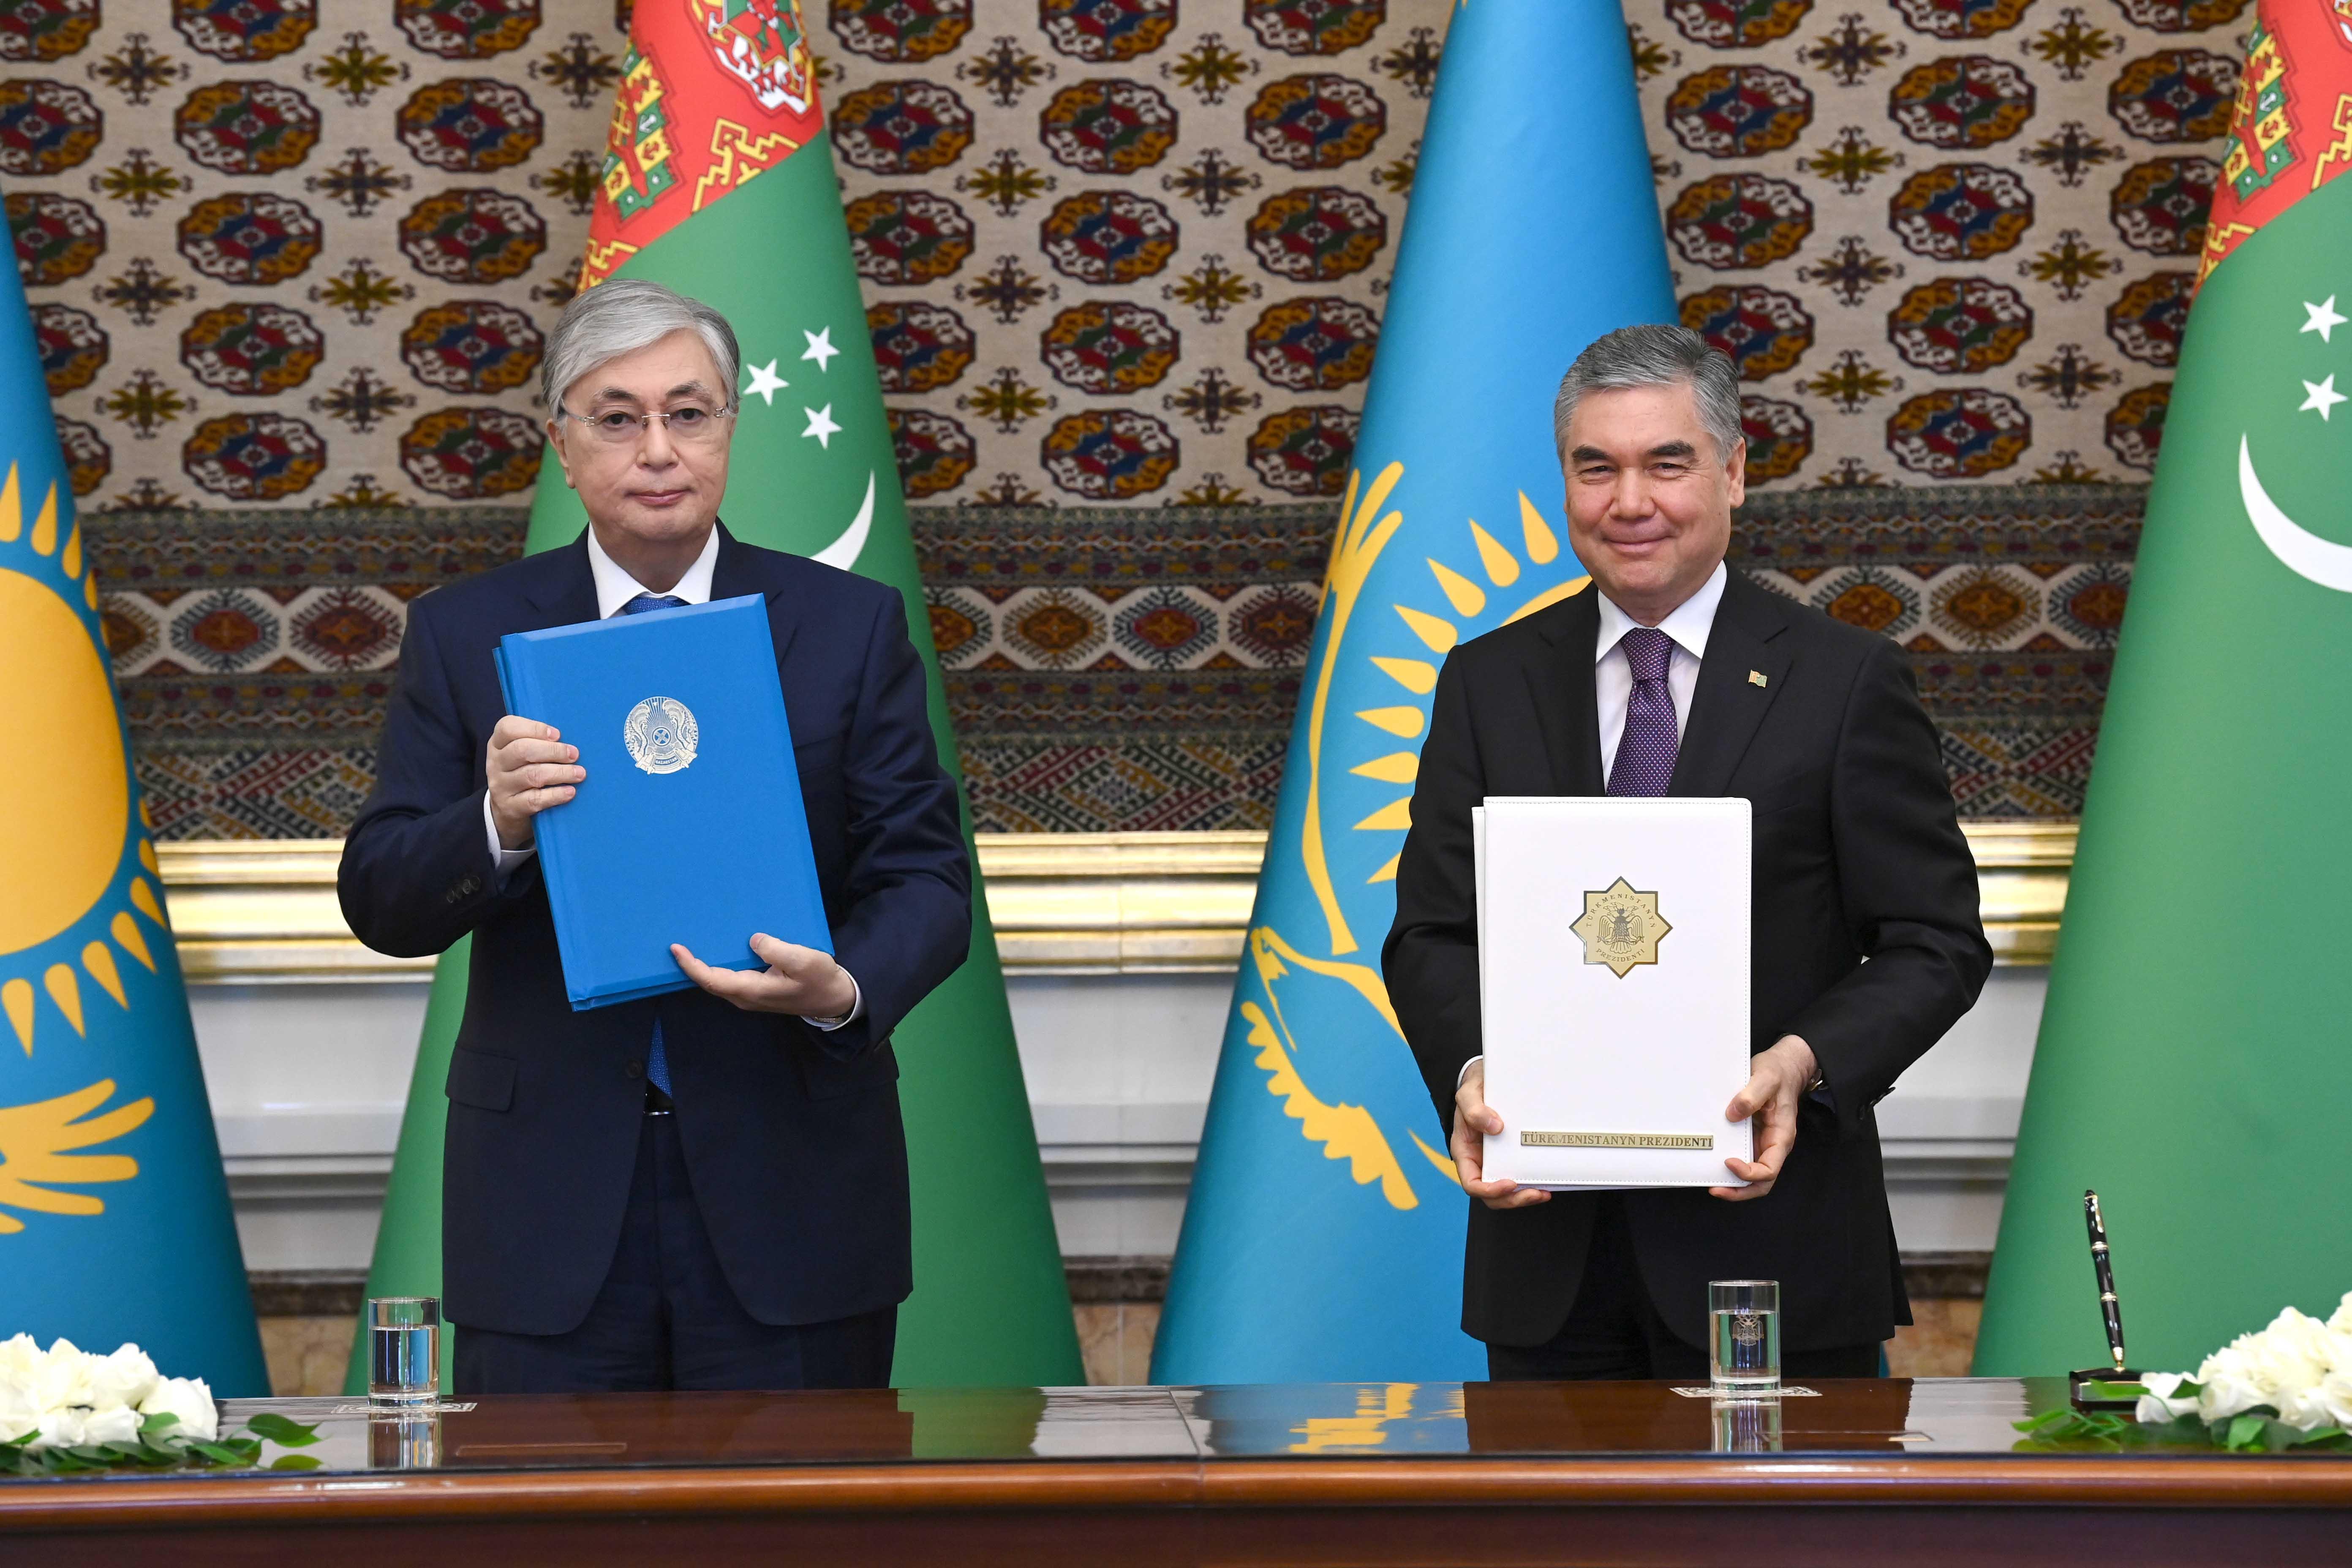 Президент: Қазақстан Түрікменстанға 60 түрлі тауар экспорттауға дайын